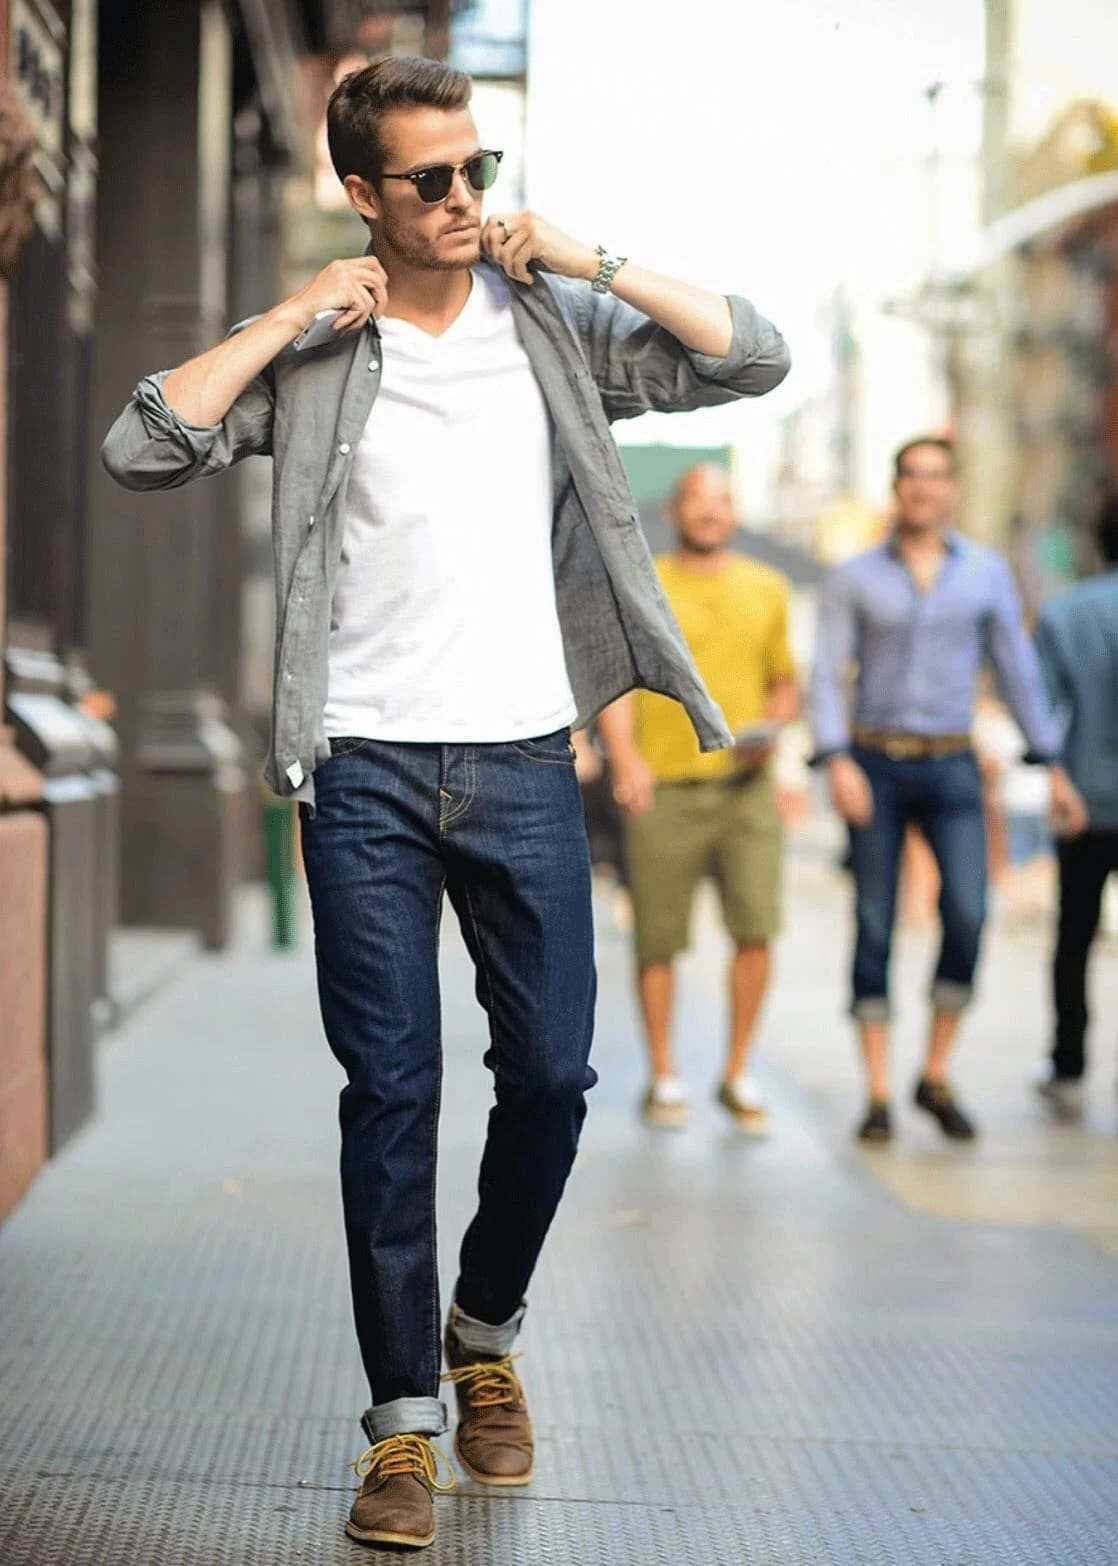 Біла футболка і джинси - чоловічий стиль